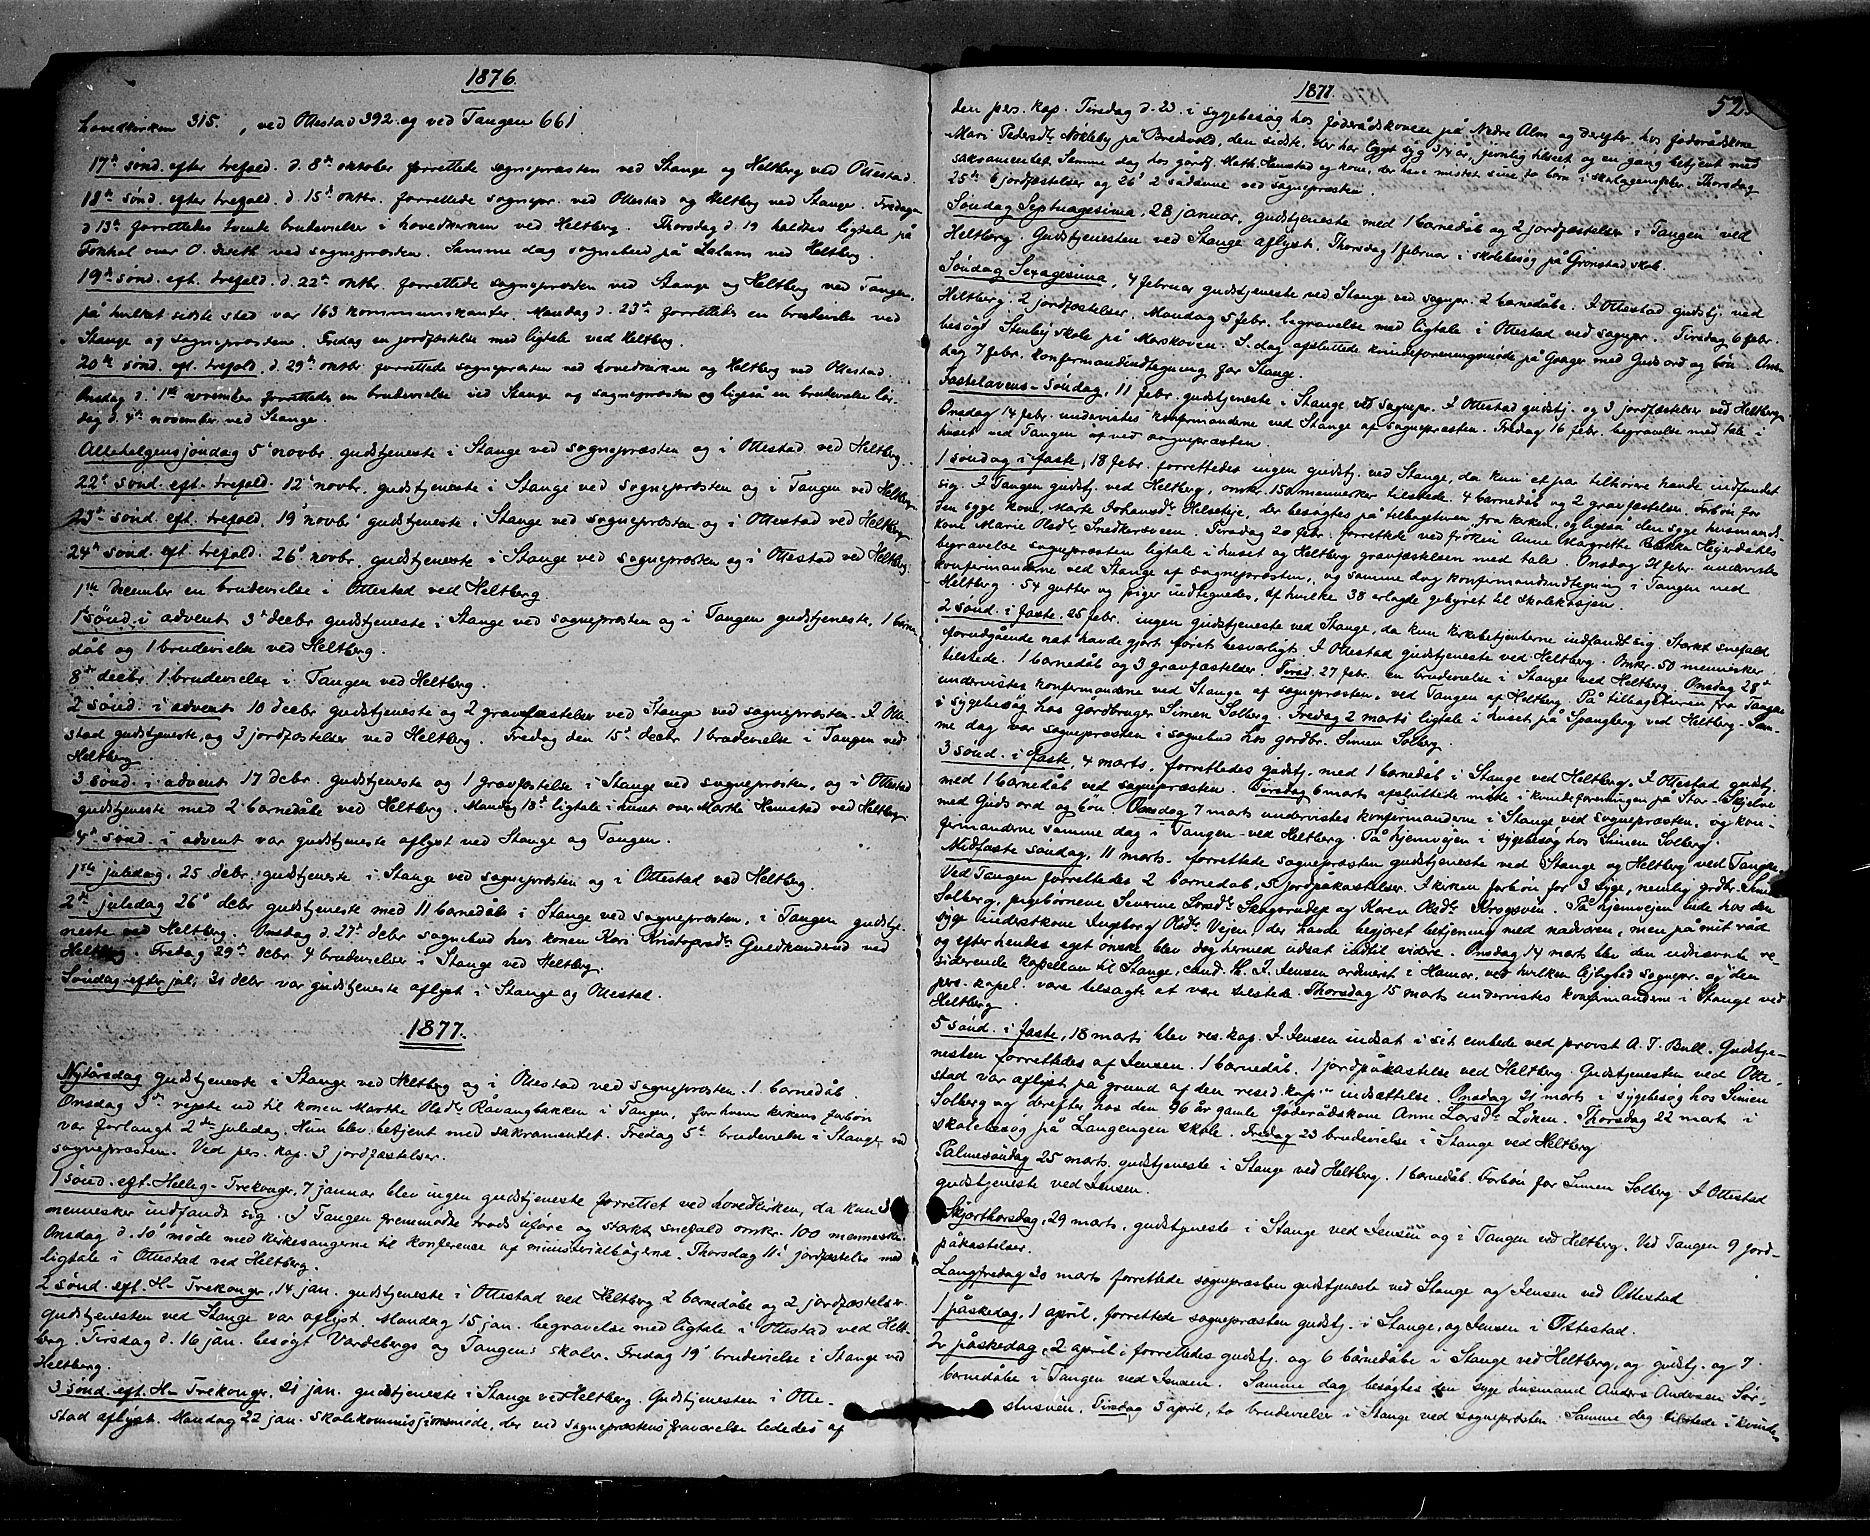 SAH, Stange prestekontor, K/L0013: Parish register (official) no. 13, 1862-1879, p. 525